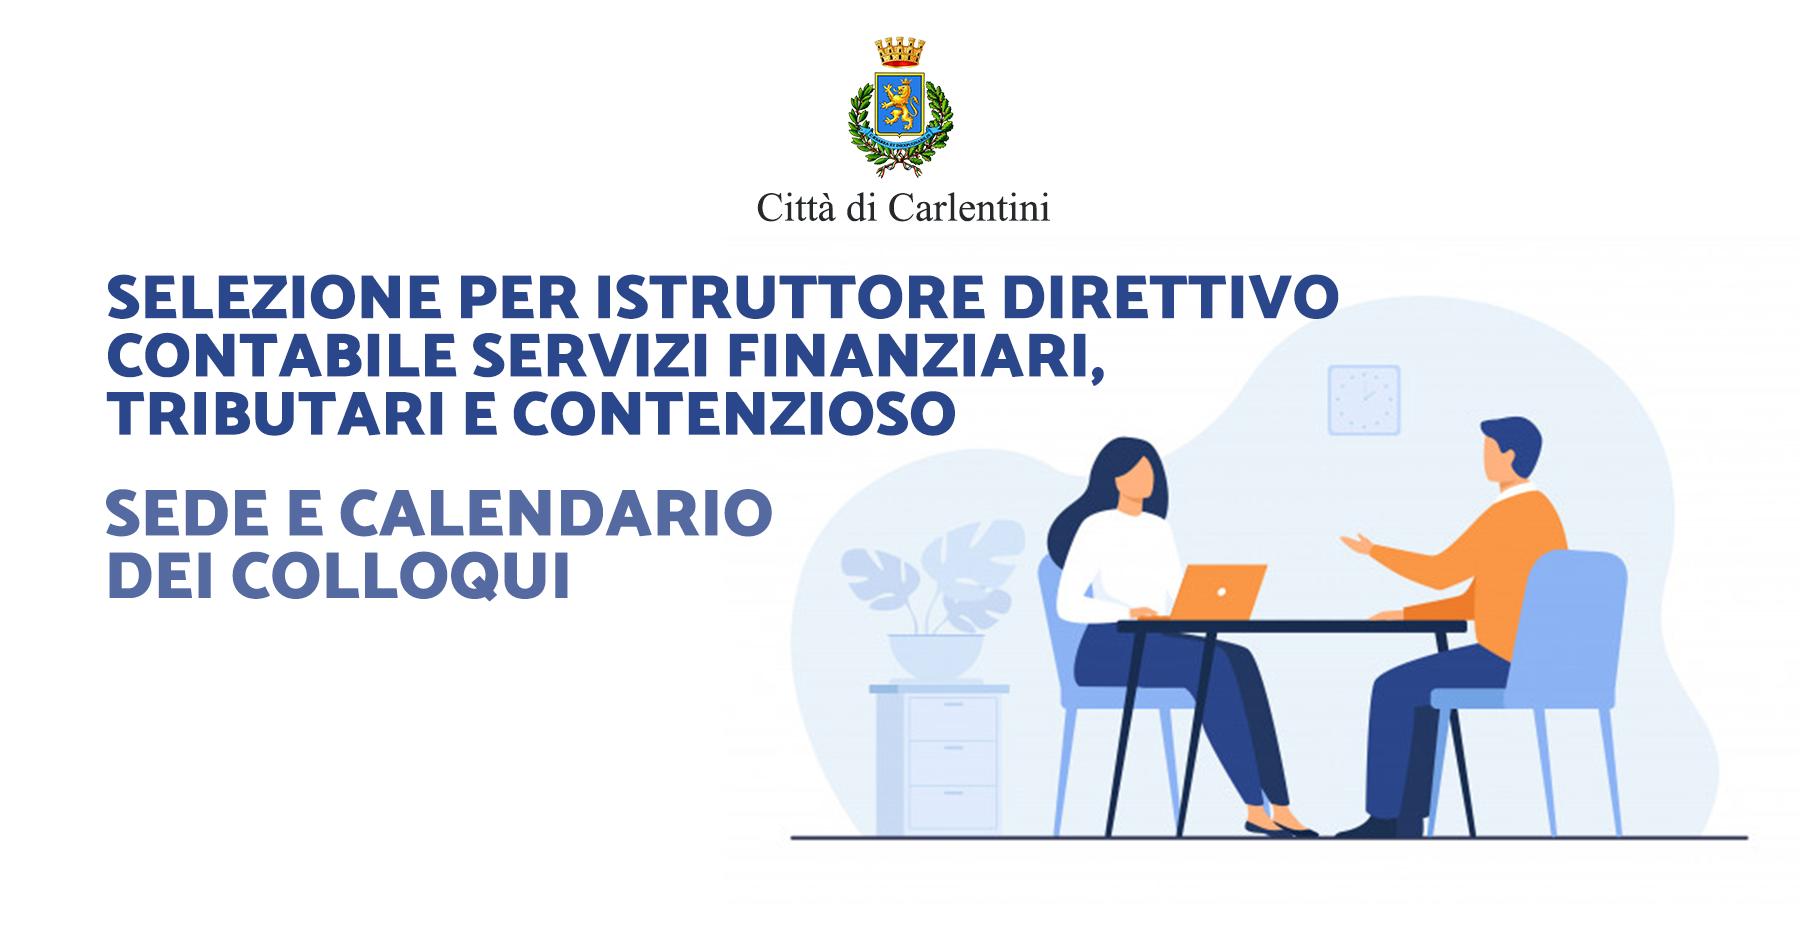 Selezione per Istruttore direttivo contabile, tributario, contenzioso: comunicazione sede e calendario dei colloqui